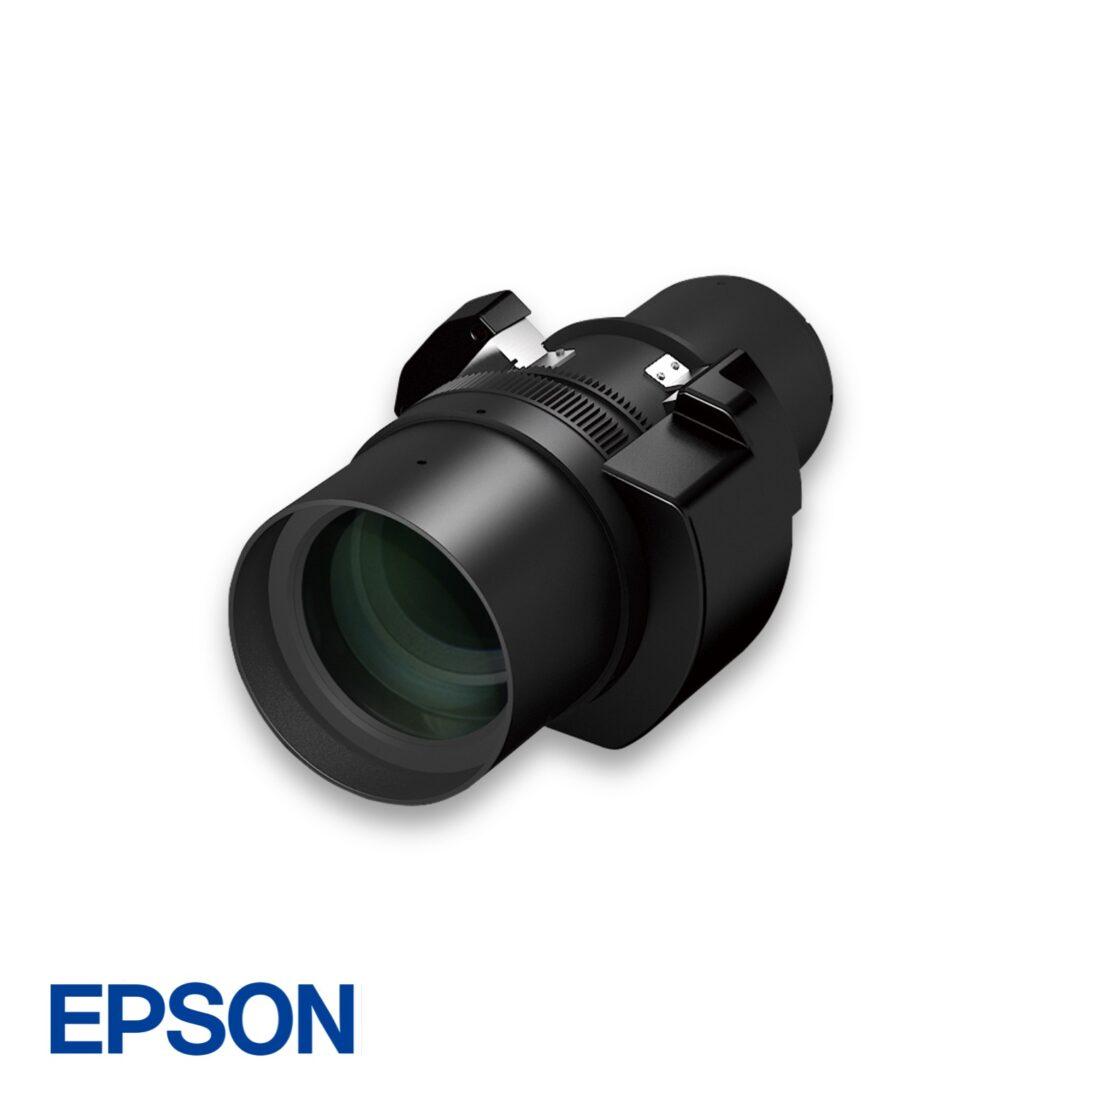 ELPLM11 long throw lens